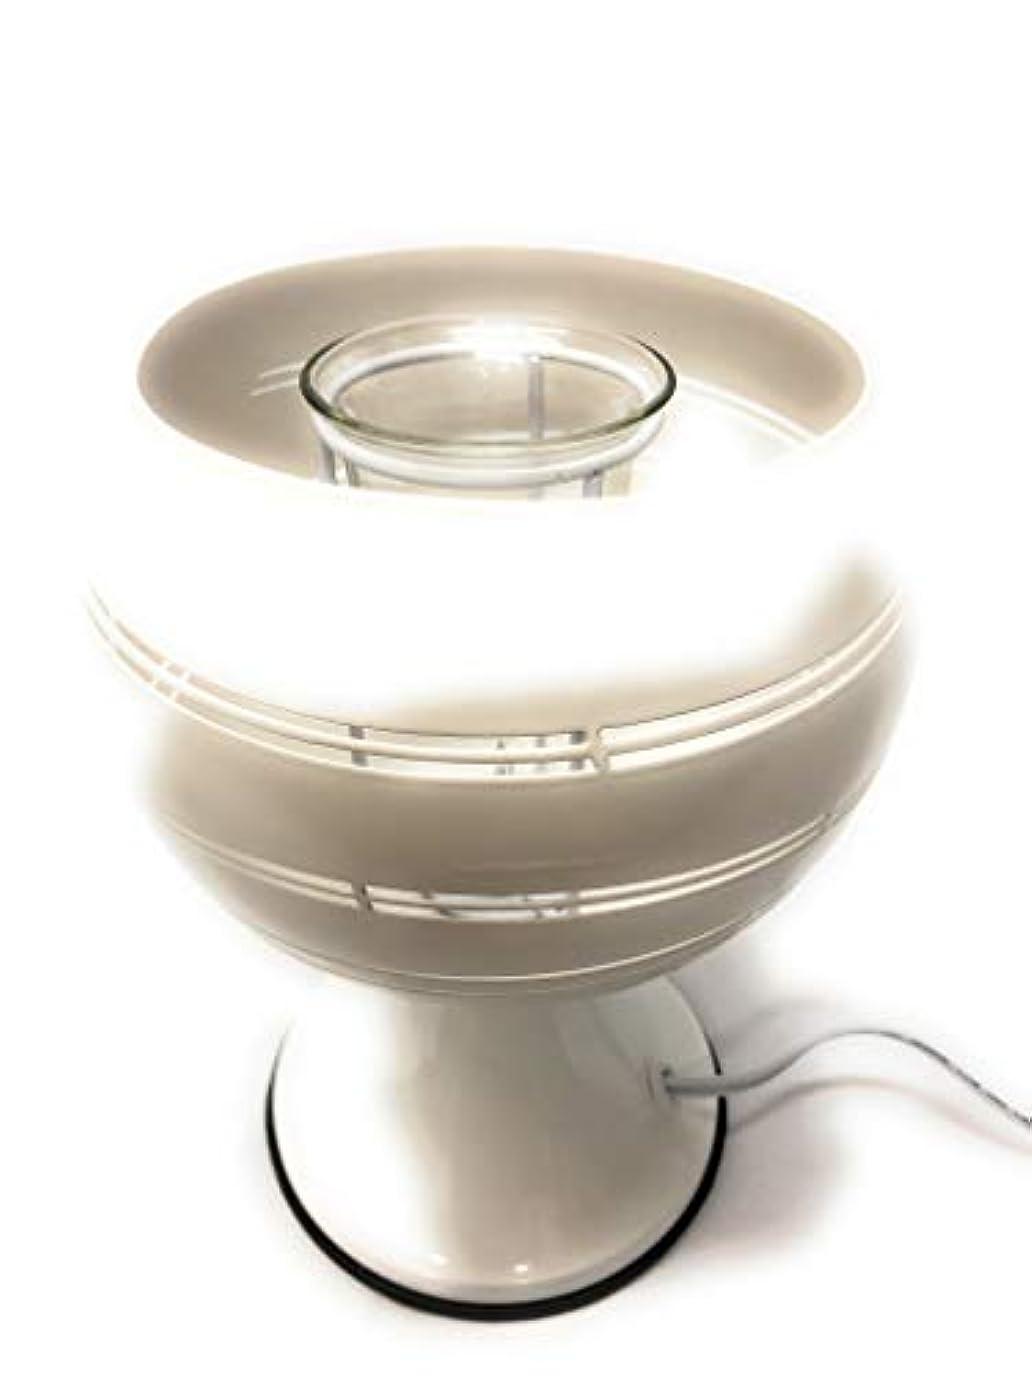 プロジェクタールーキー不機嫌そうなElectricアロマランプまたは香りBurner with 35 Wハロゲン電球、非表示ボウル&ディマースイッチ。